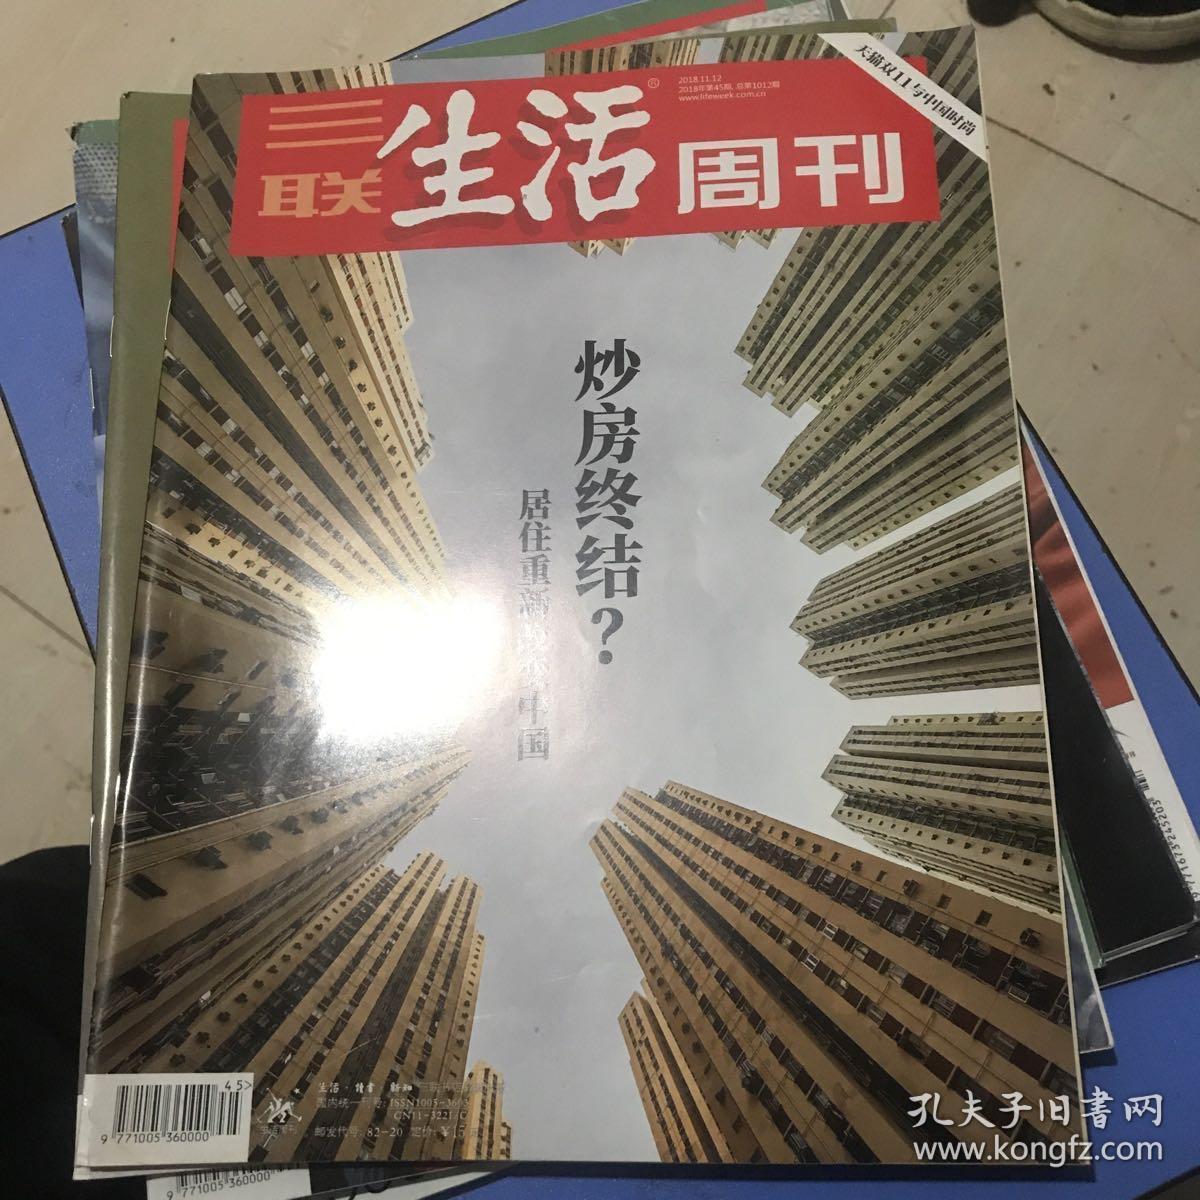 三联生活周刊 2018年 第45期 总 1012期